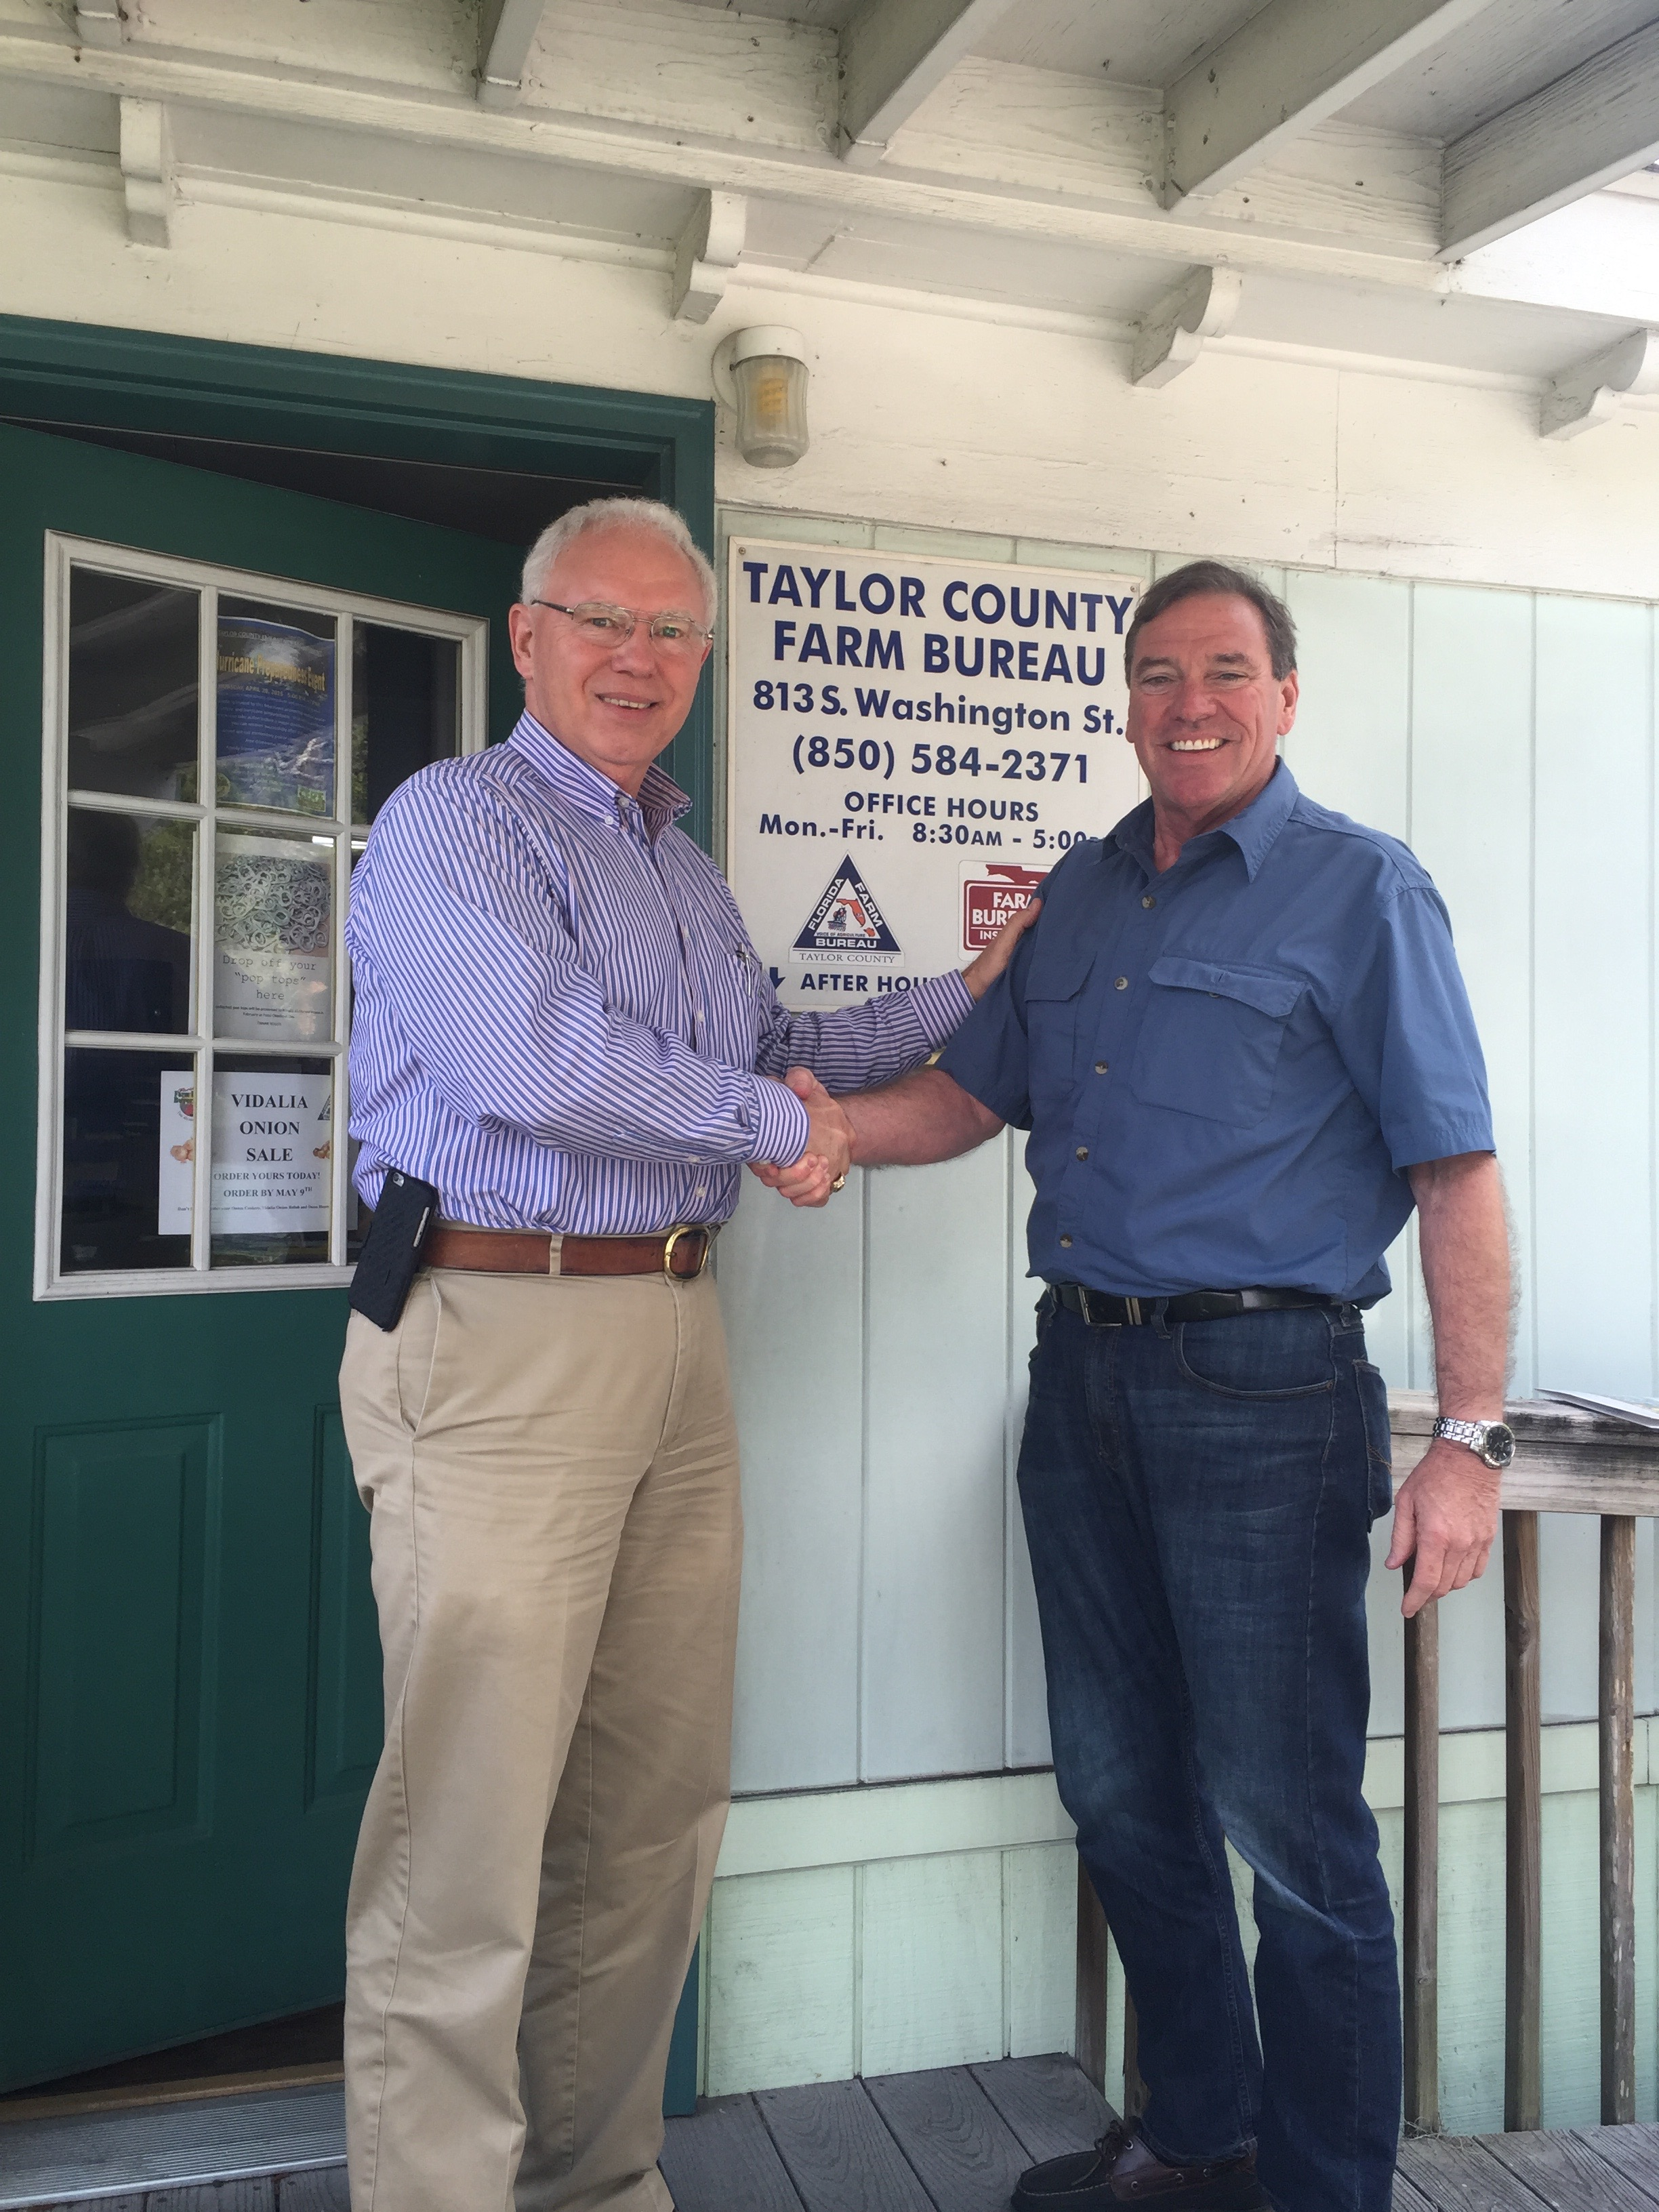 Taylor County Farm Bureau